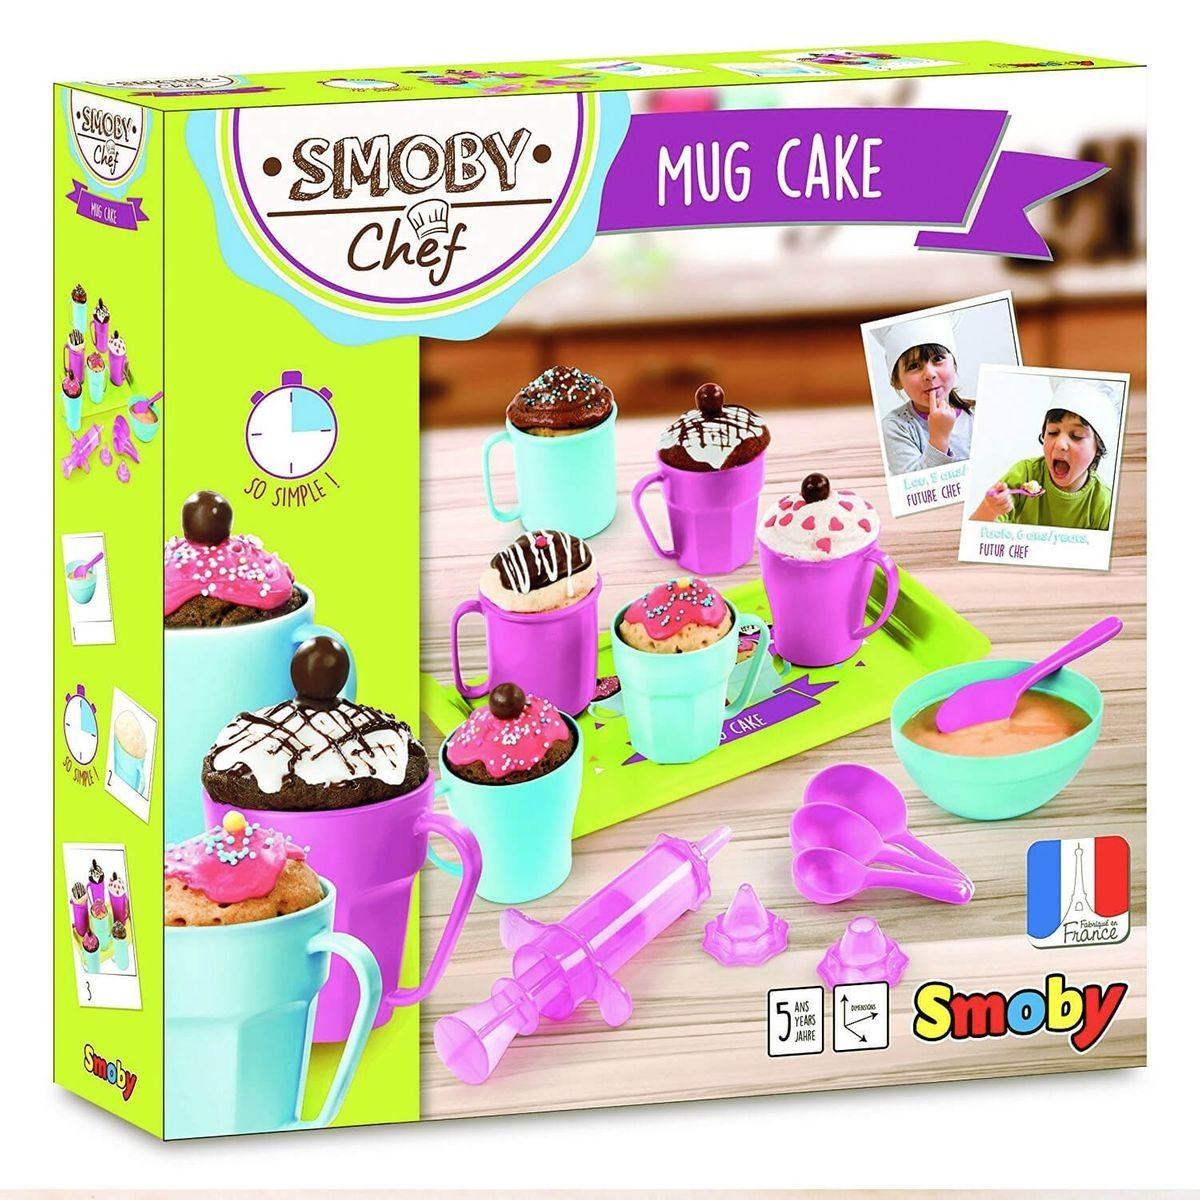 Smoby Chef Mug Cakes Craft Kits For Kids Mug Cake Gifts For Kids